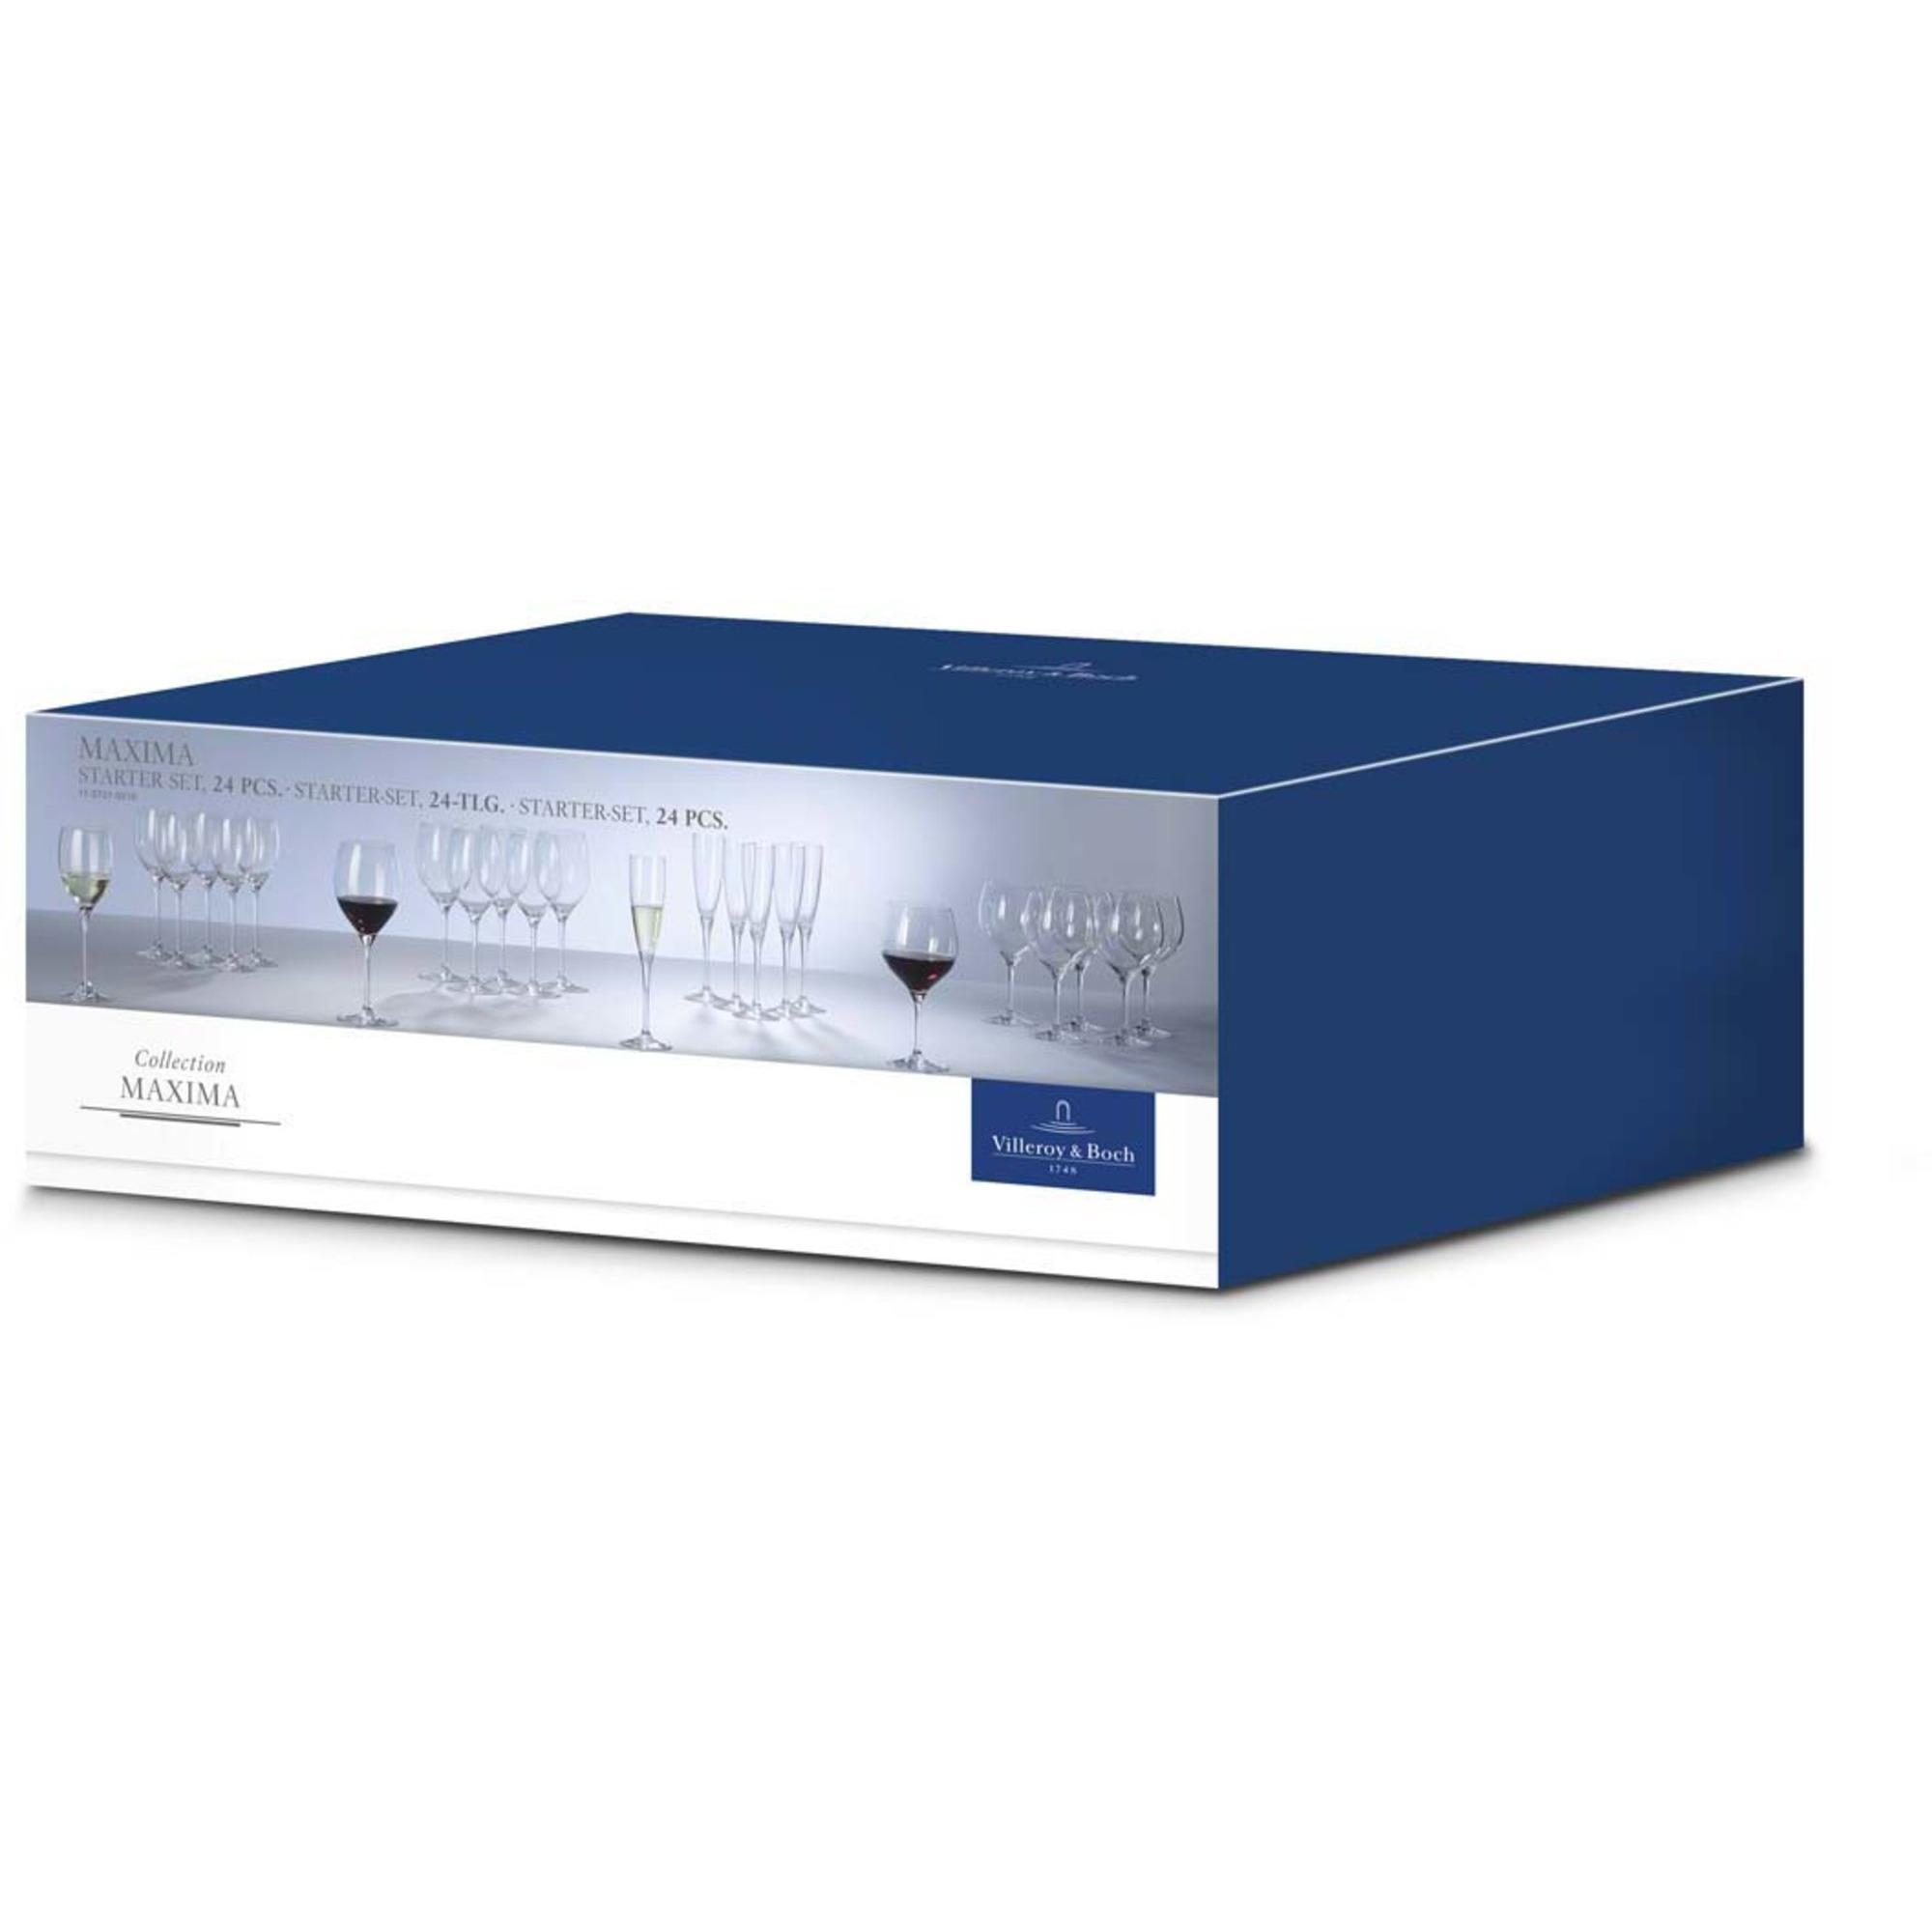 Villeroy & Boch Maxima Glas Startset 24-pack